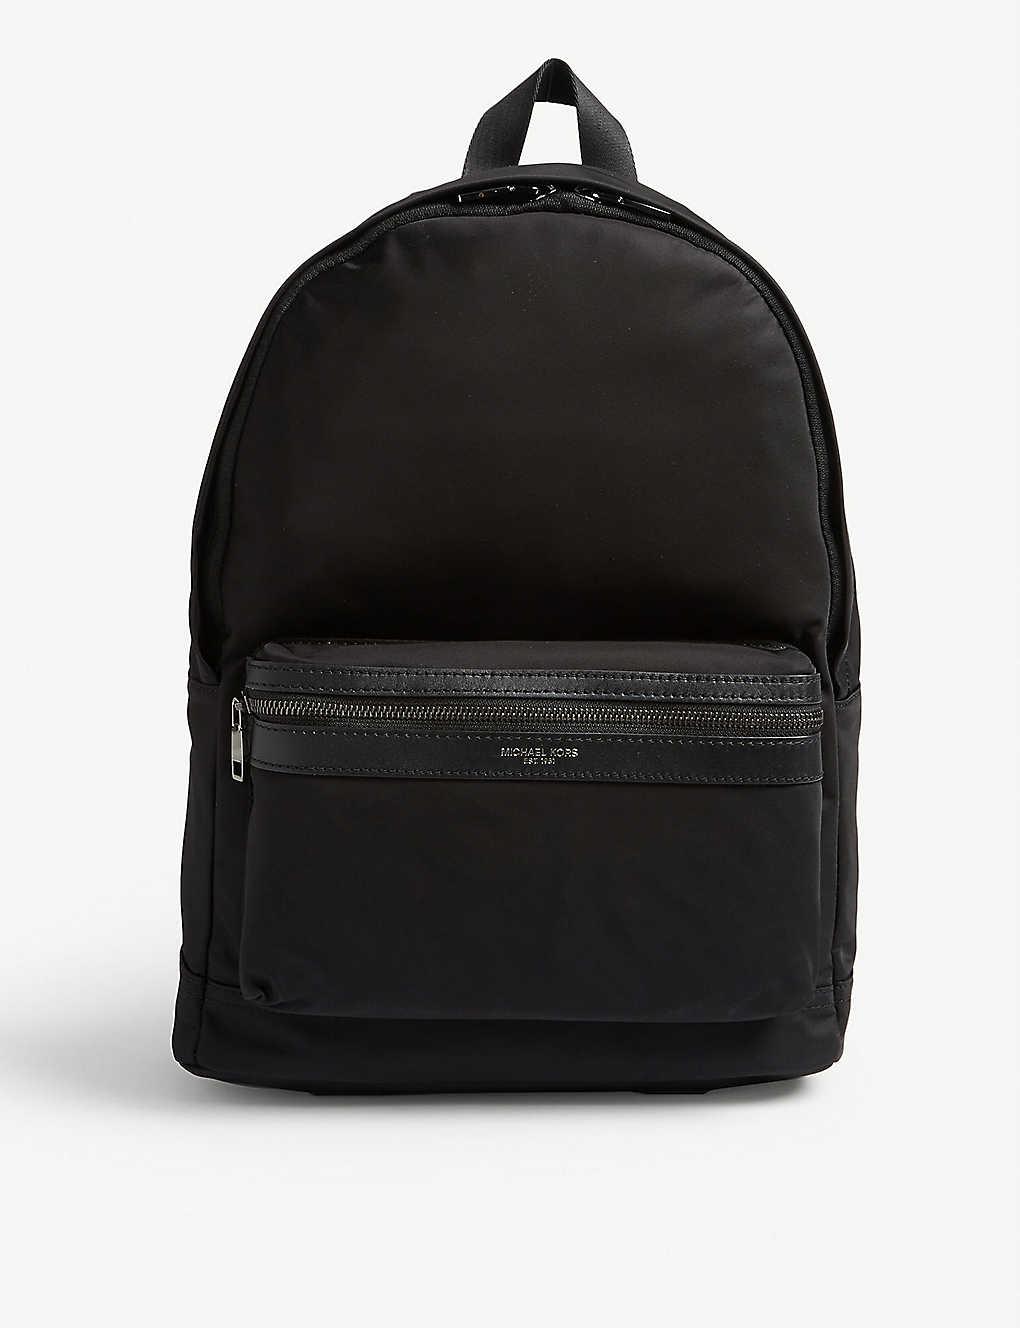 baca3596a3ed80 MICHAEL KORS - Kent nylon backpack | Selfridges.com